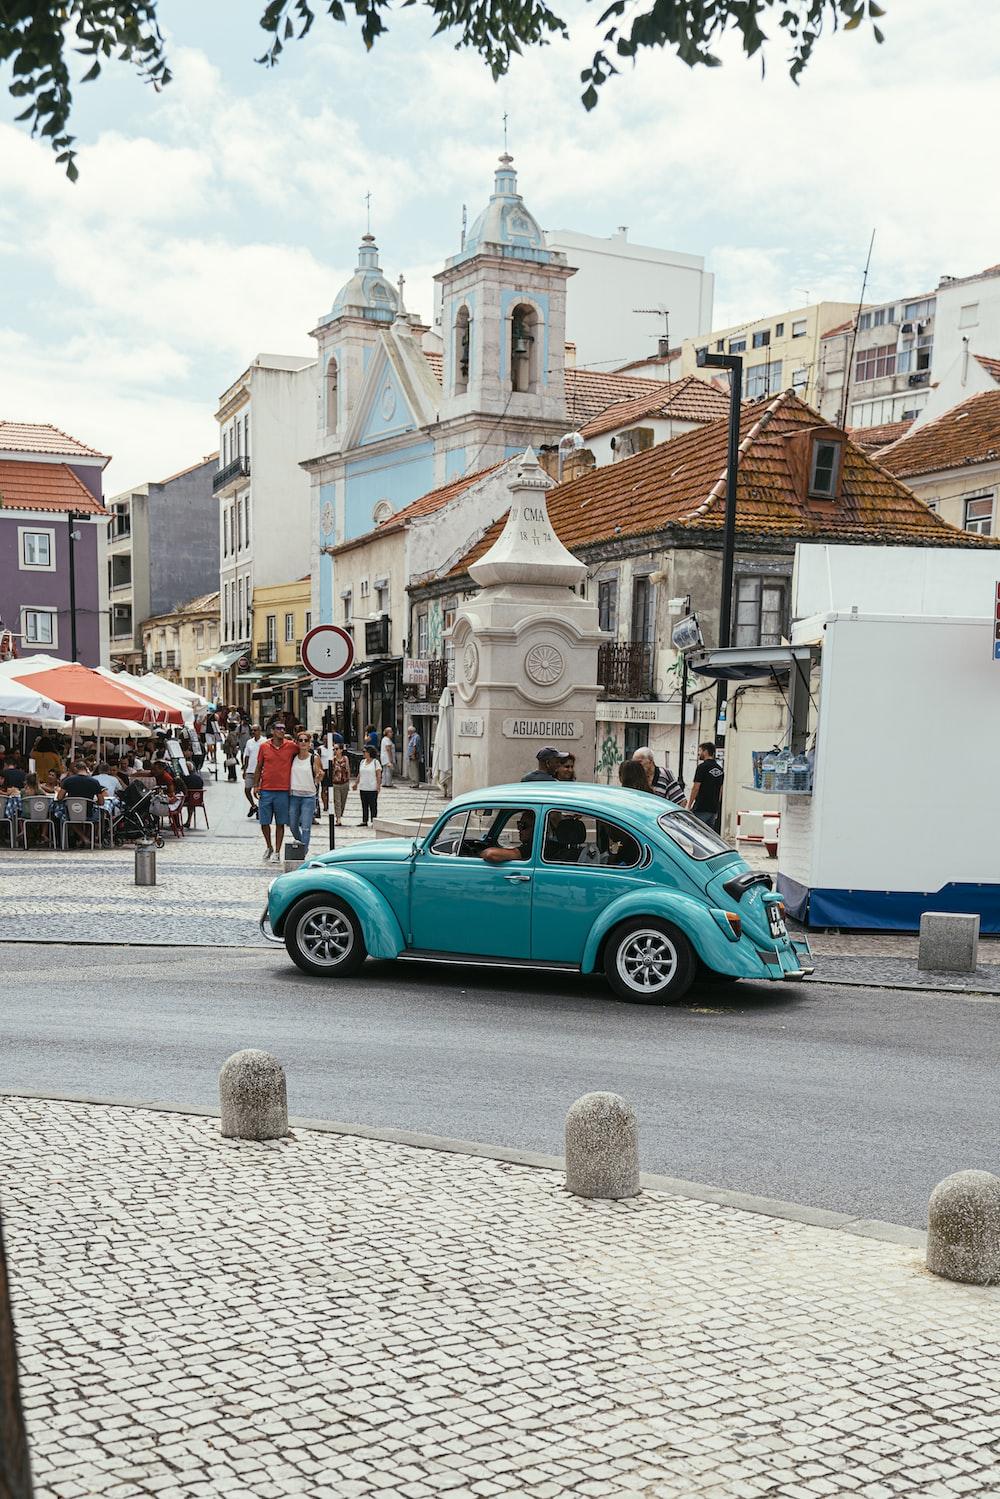 Volkswagen Beetle on road